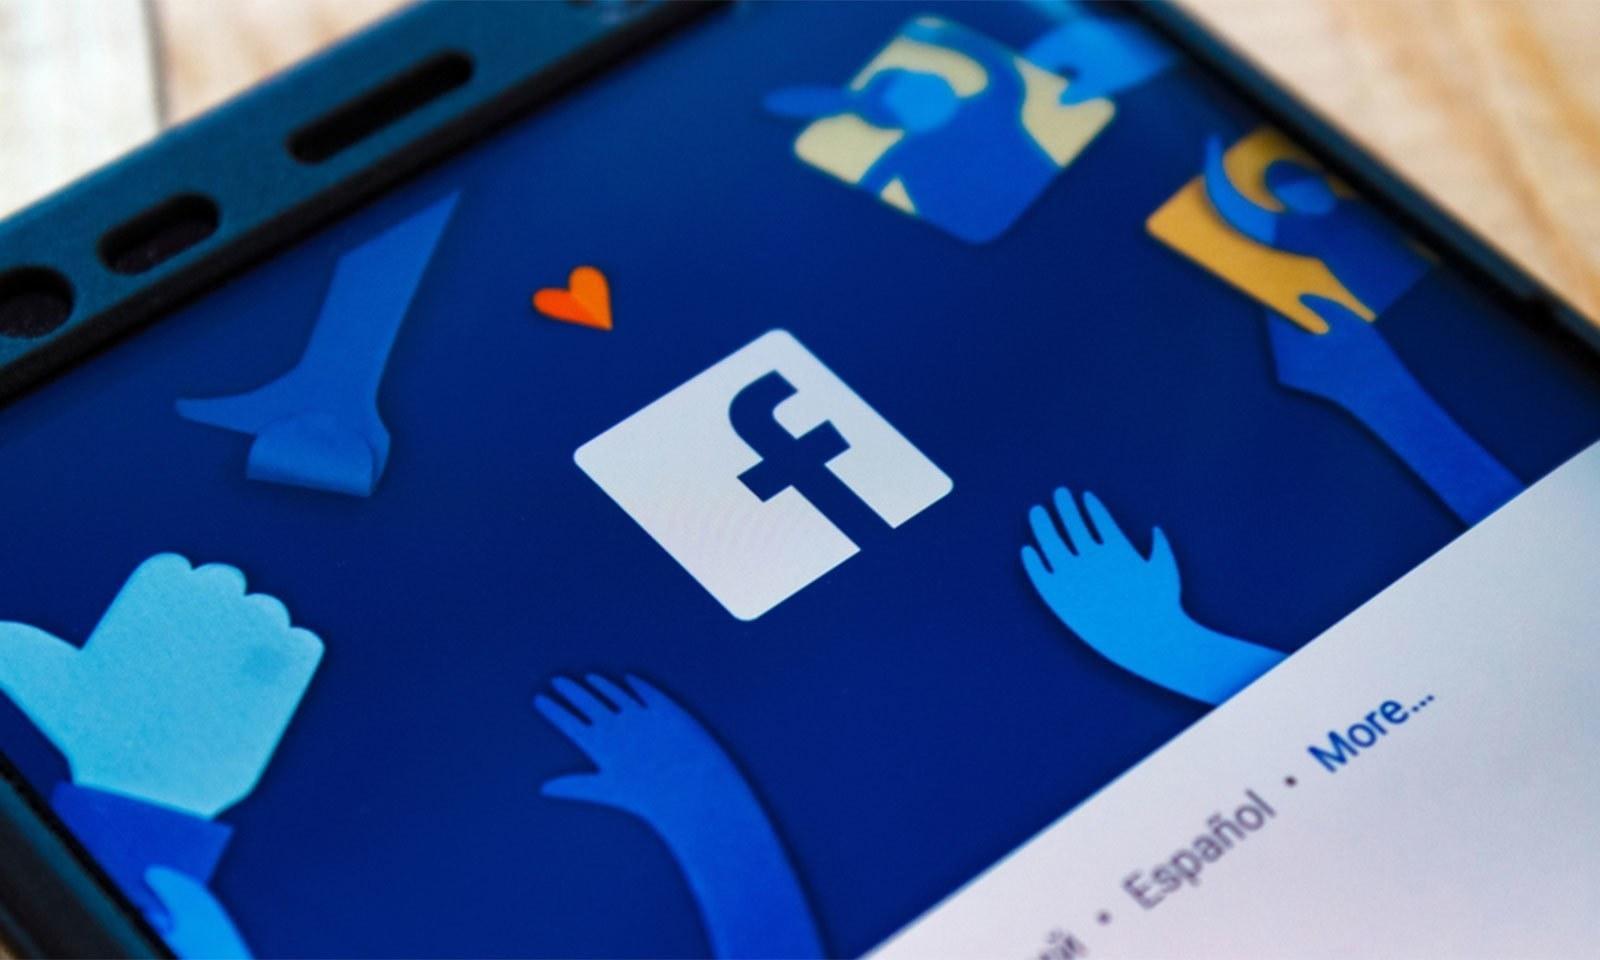 فیس بک کے 3 ماہ میں ایک ارب 30 کروڑ جعلی اکاؤنٹس ڈیلیٹ کردیئے